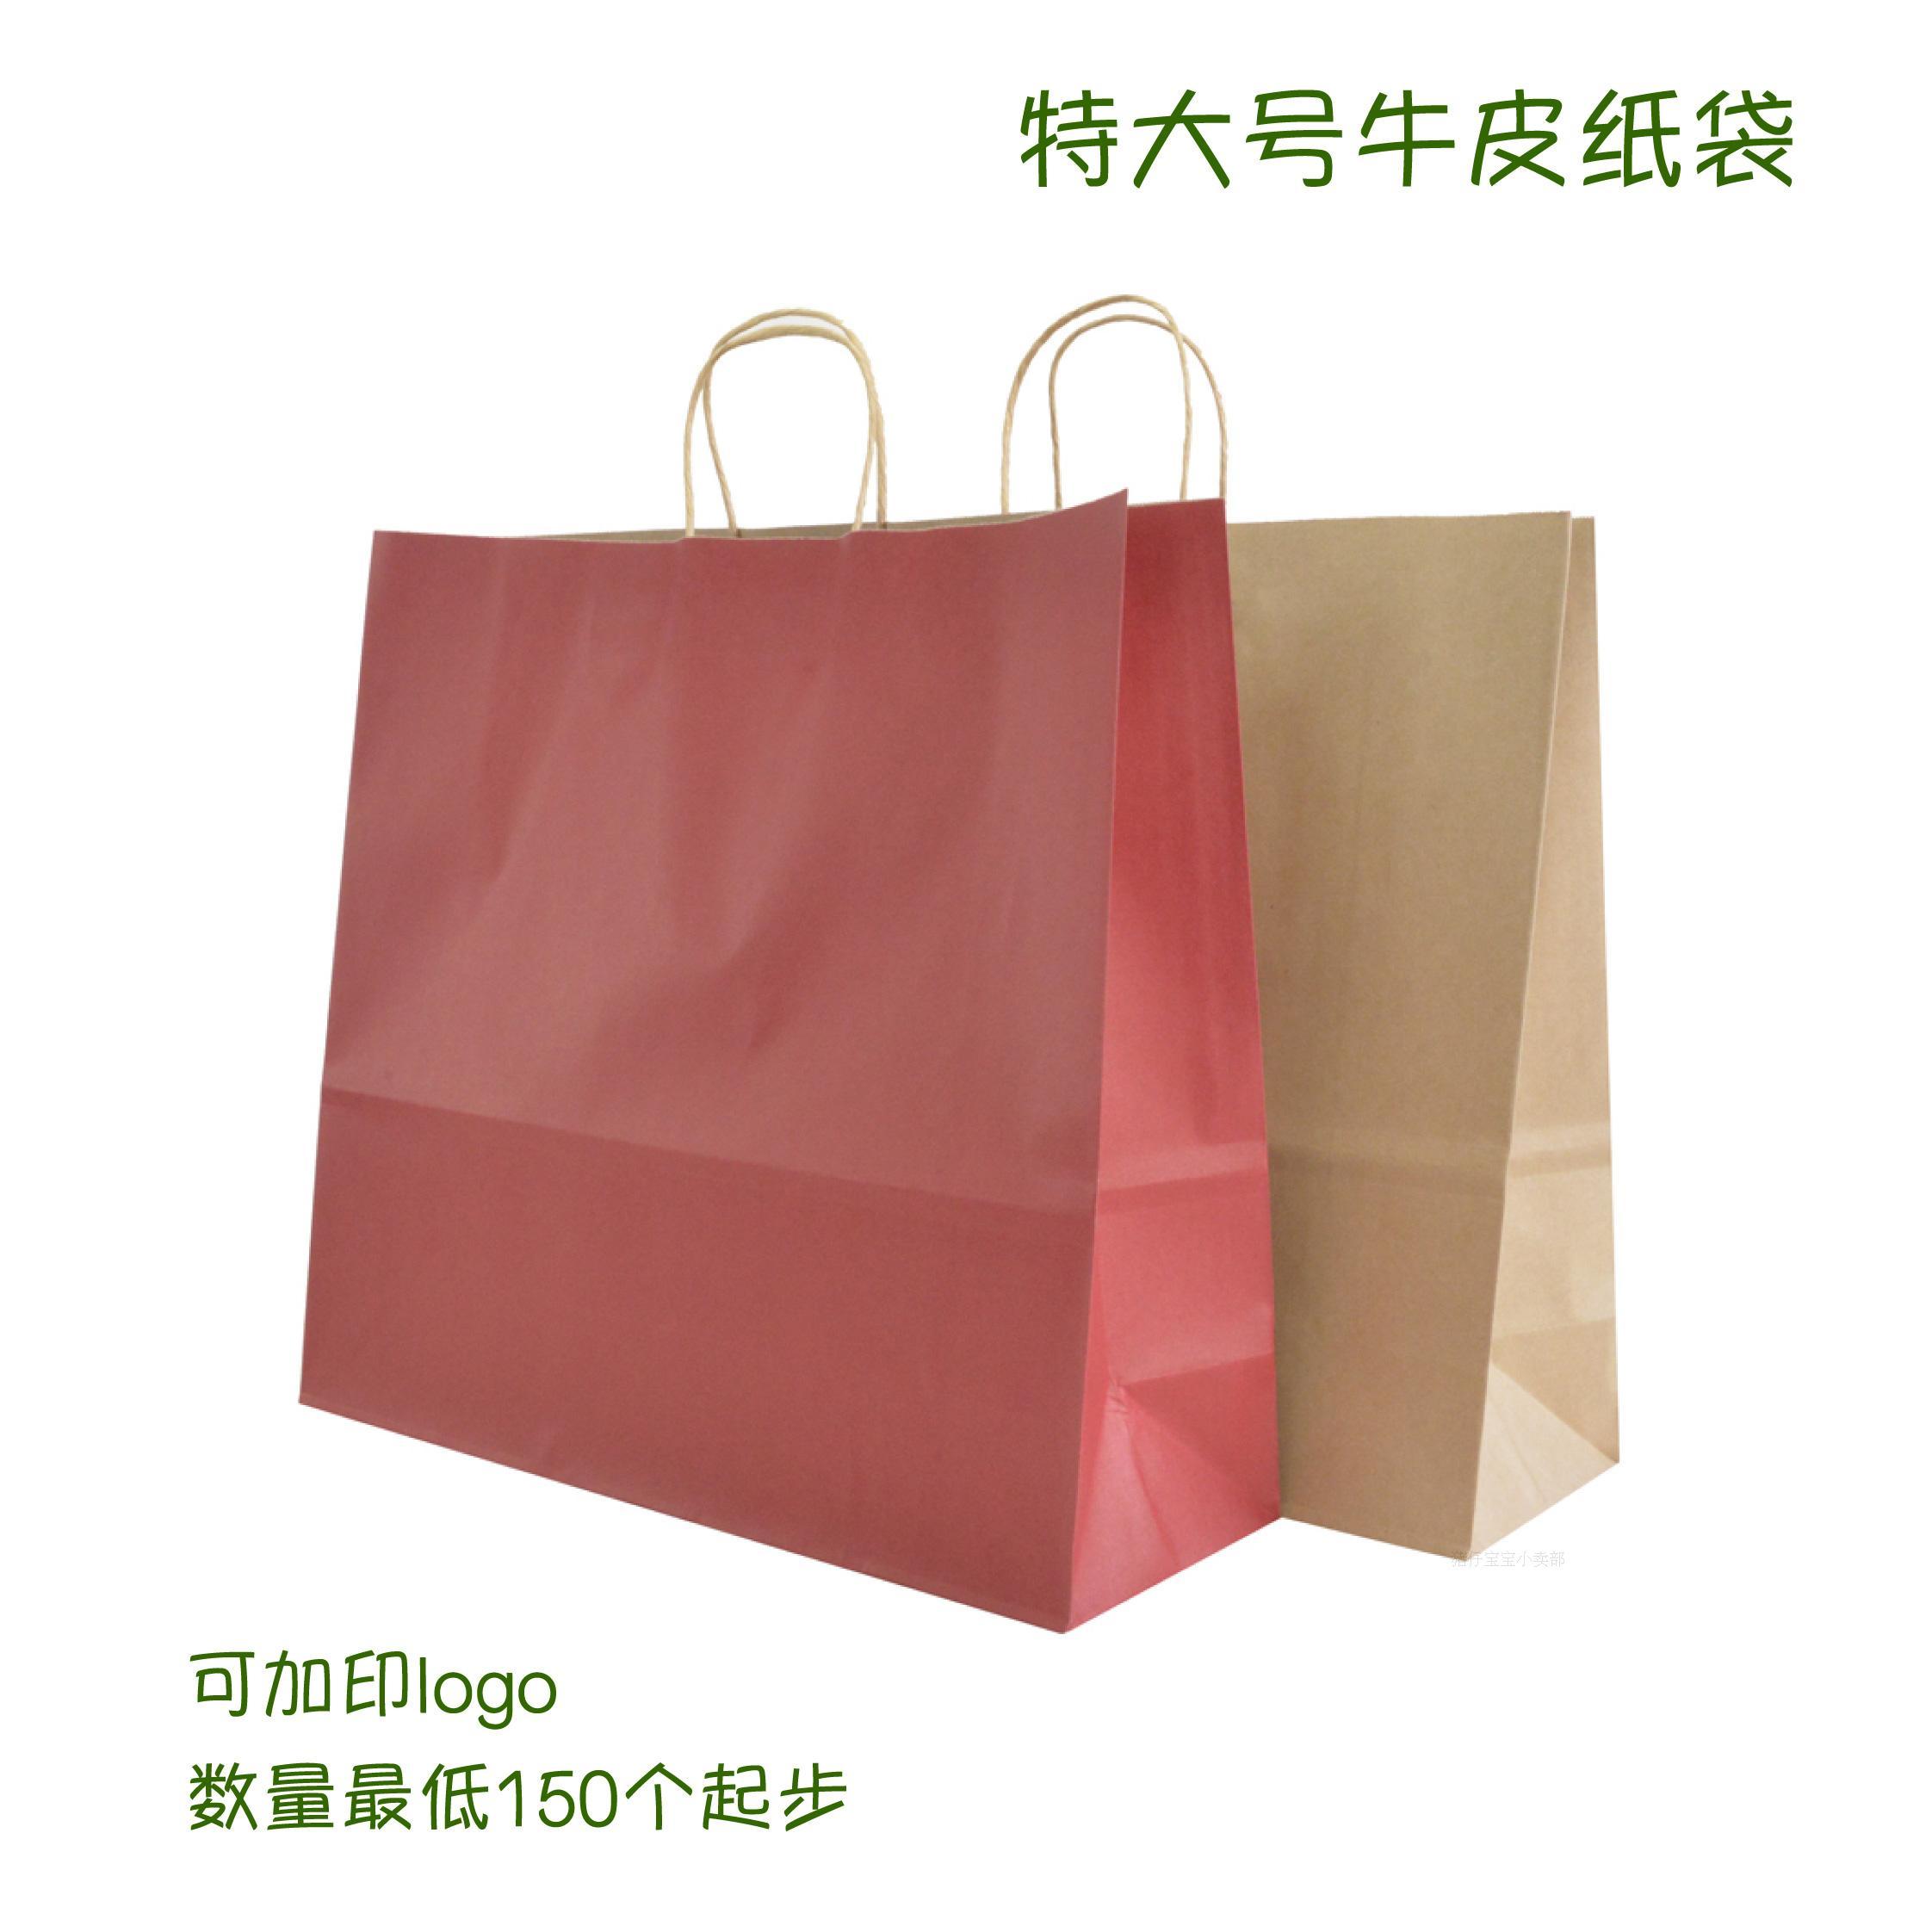 特大号牛皮纸袋包装袋礼品袋大衣服袋服装袋手提袋袋子批发定做